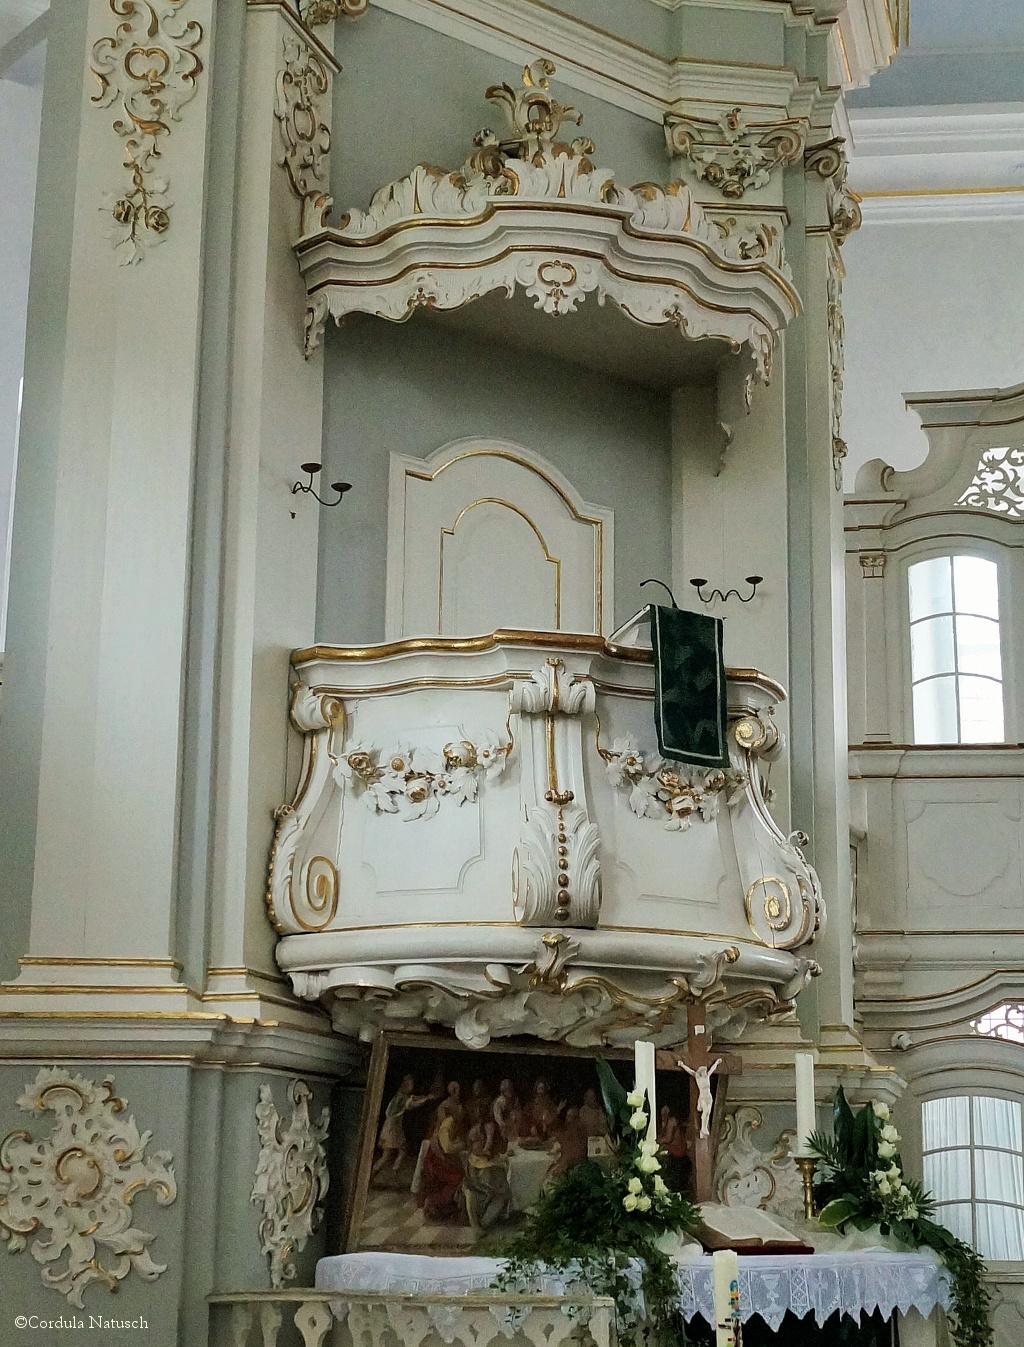 Kanzel in der Kirche St. Petri in Osten